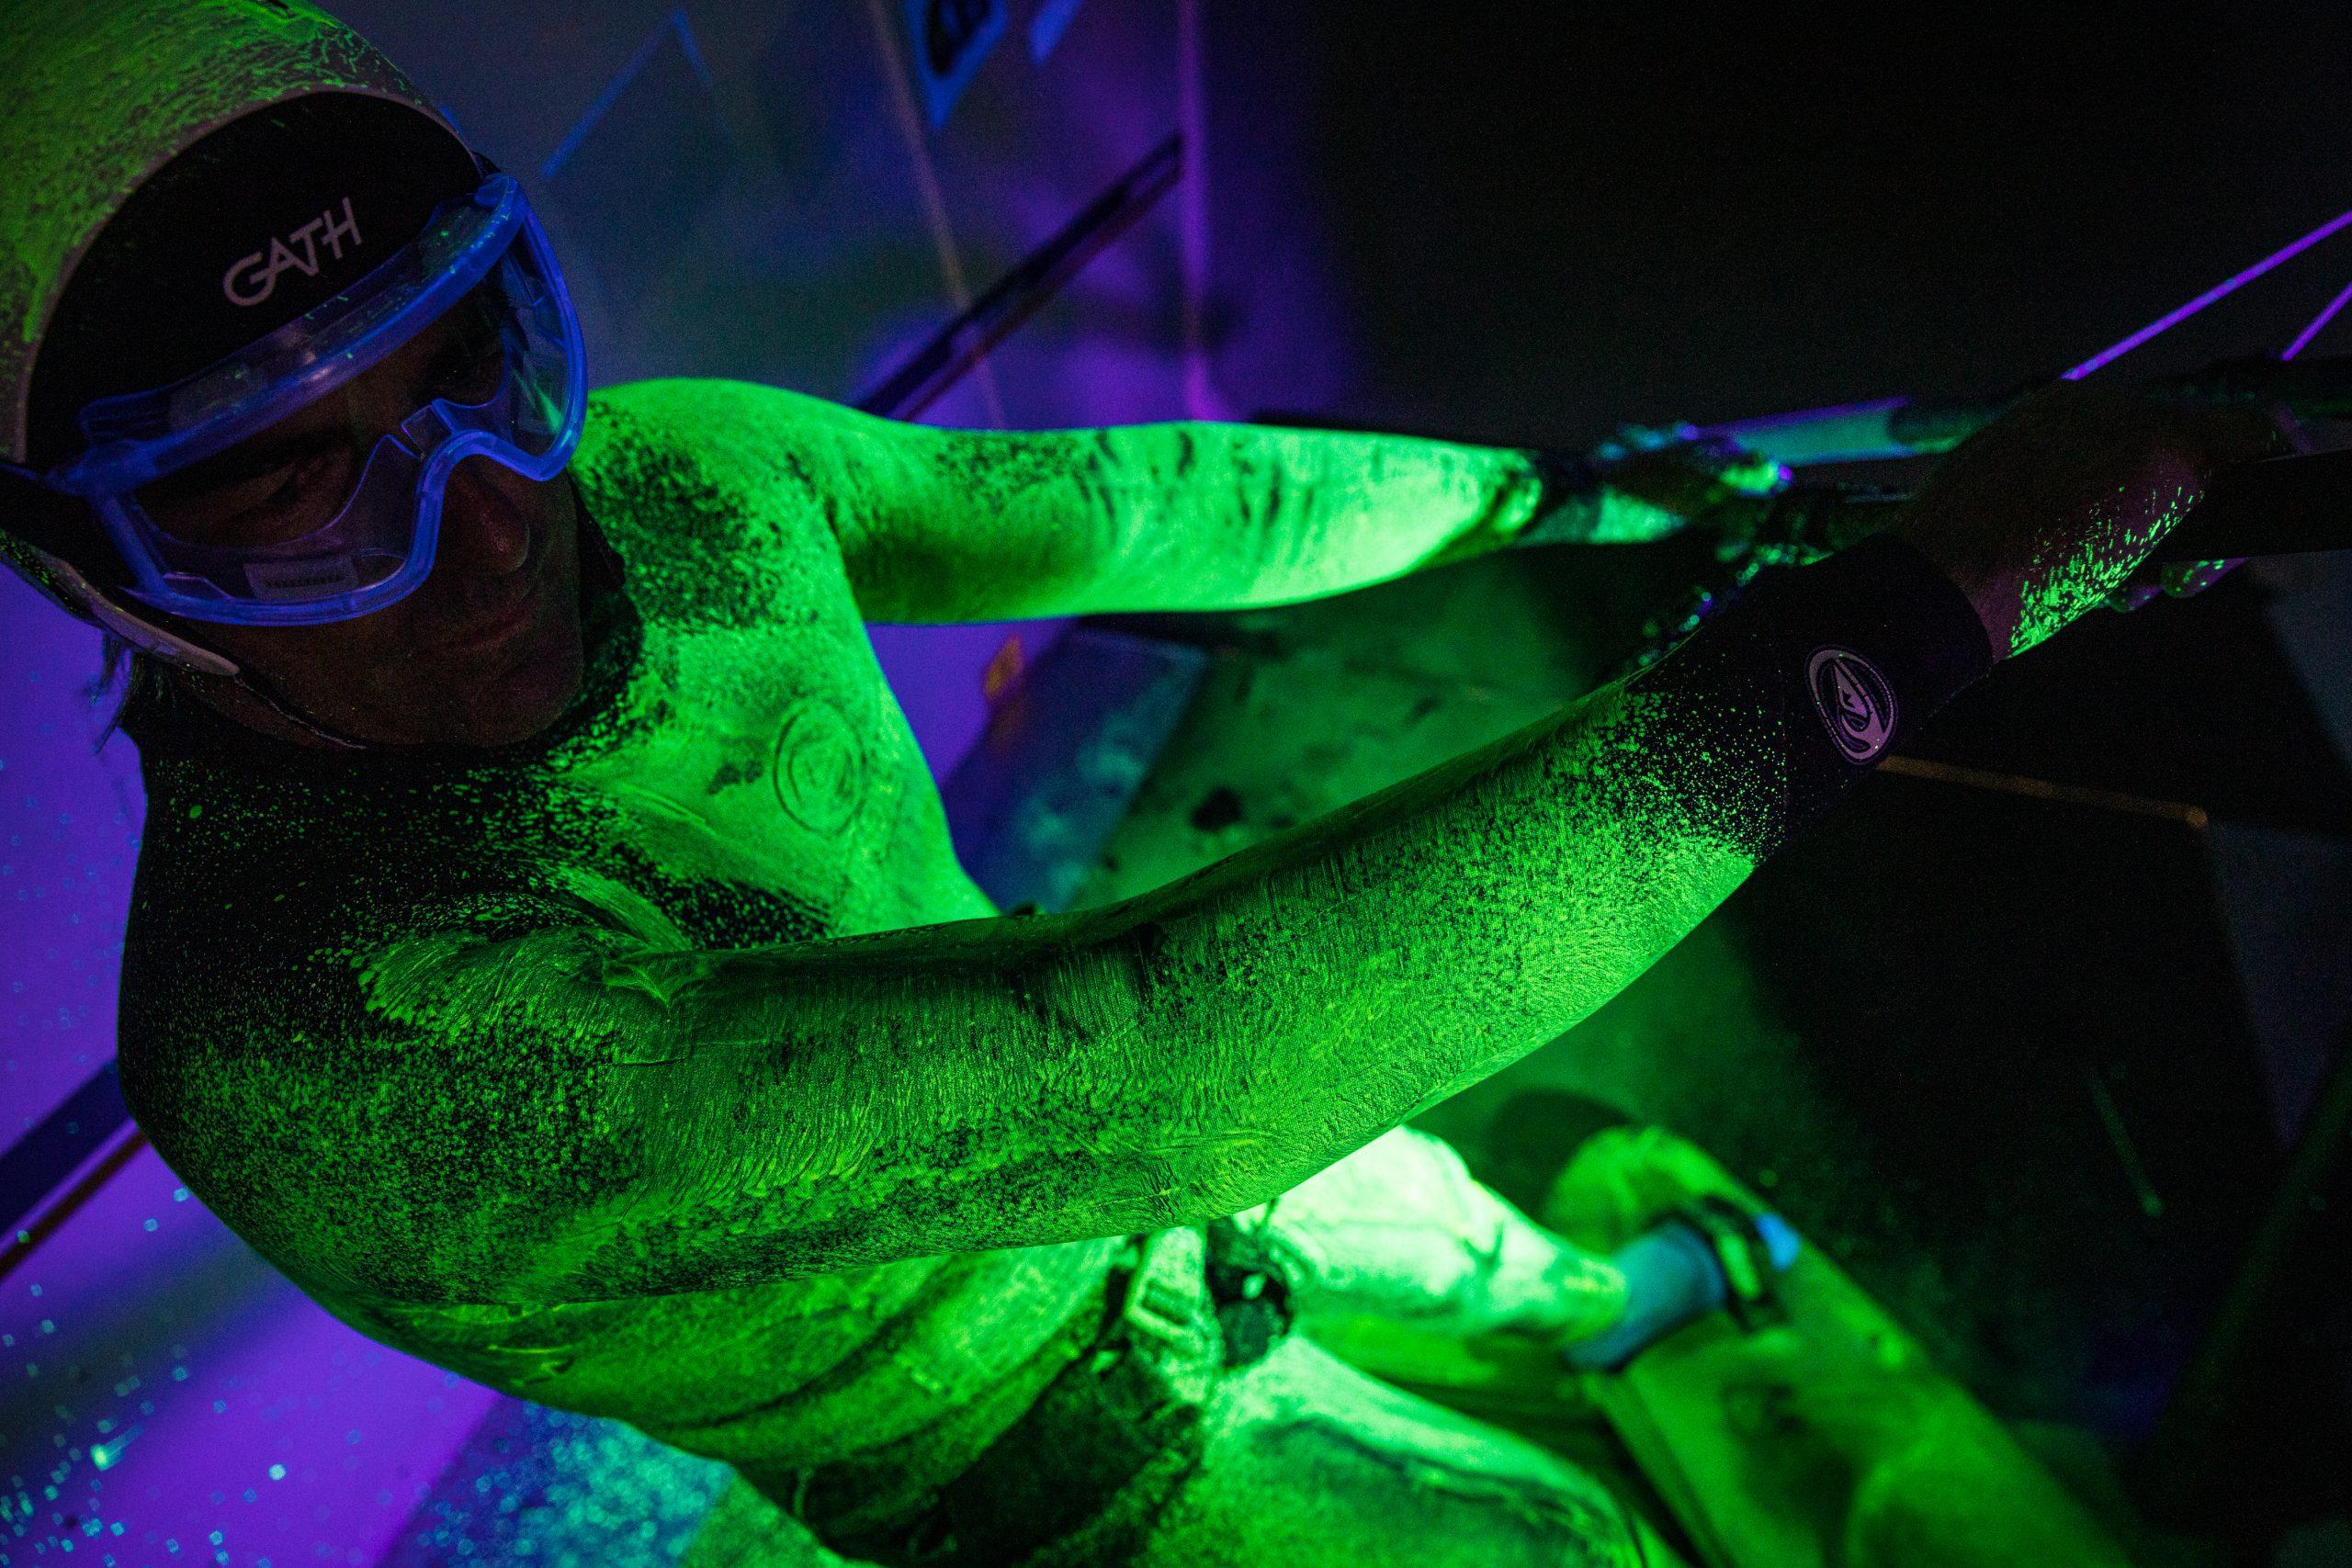 Projet Zephir Antoine Albeau recouvert de peinture fluorescente en soufflerie de Magny-Cours